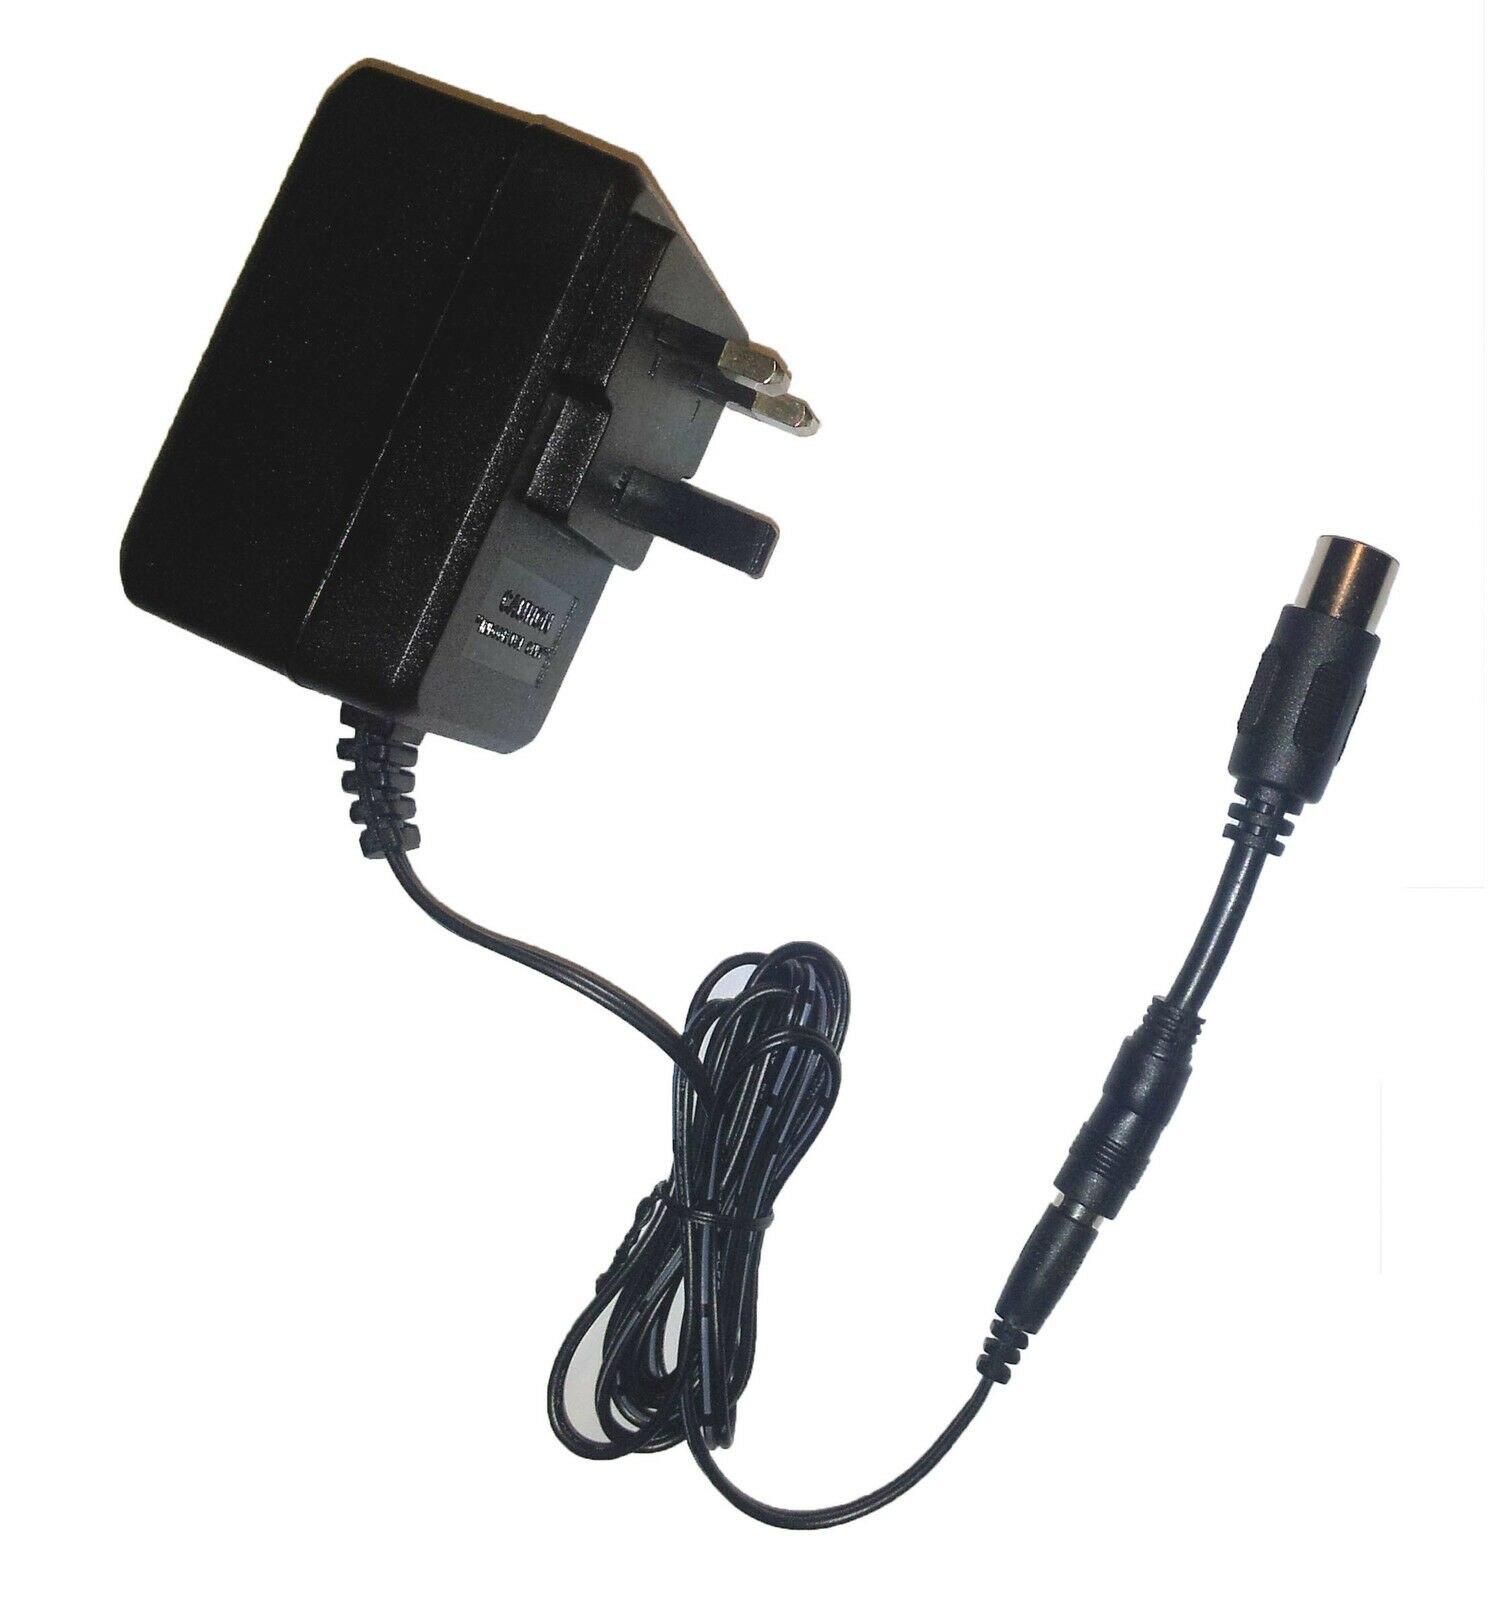 DIGITECH RP2000 efectos PEDAL fuente de alimentación adaptador de repuesto UK AC9V 4 PIN DIN